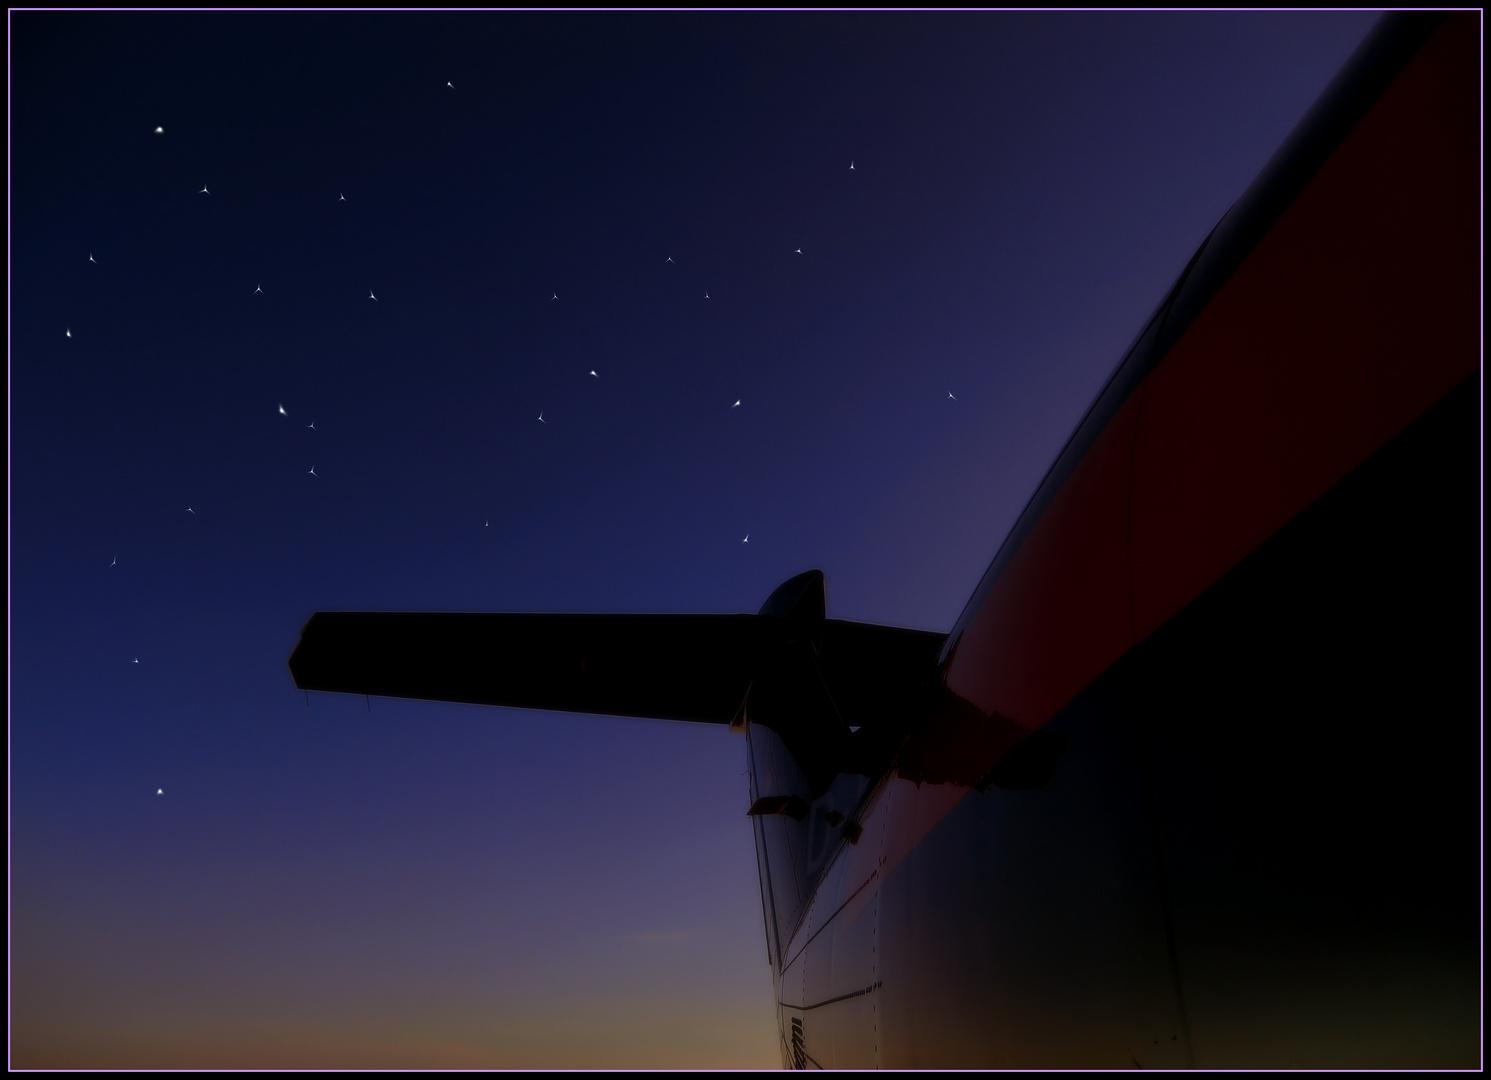 Auf dem Flugplatz sind Sterne viel früher zu sehen als in der Stadt!